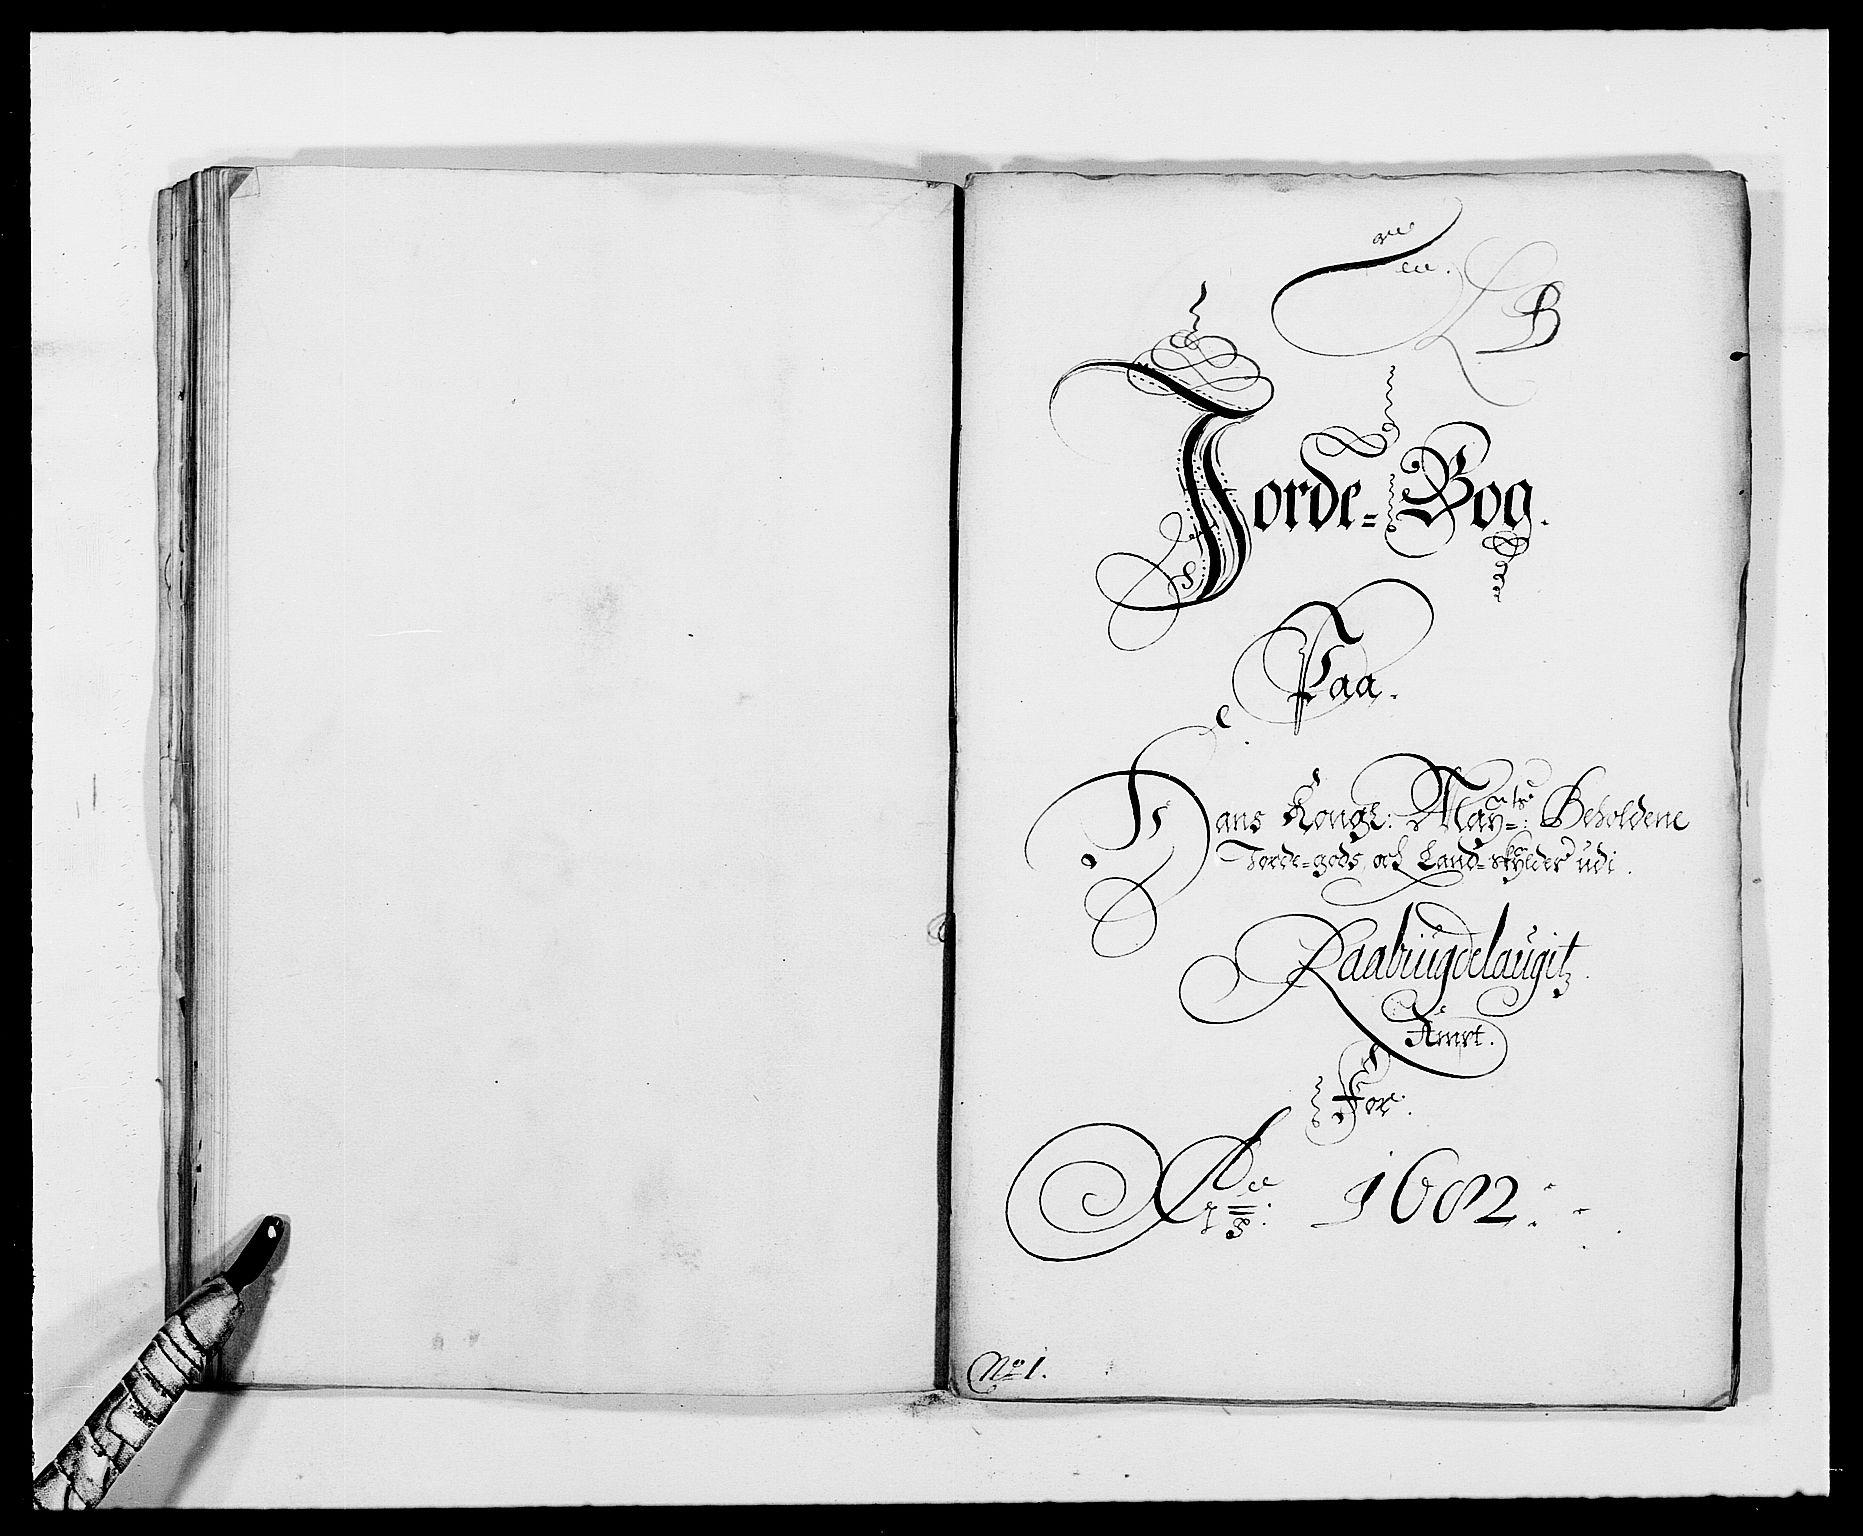 RA, Rentekammeret inntil 1814, Reviderte regnskaper, Fogderegnskap, R40/L2438: Fogderegnskap Råbyggelag, 1682-1683, s. 37